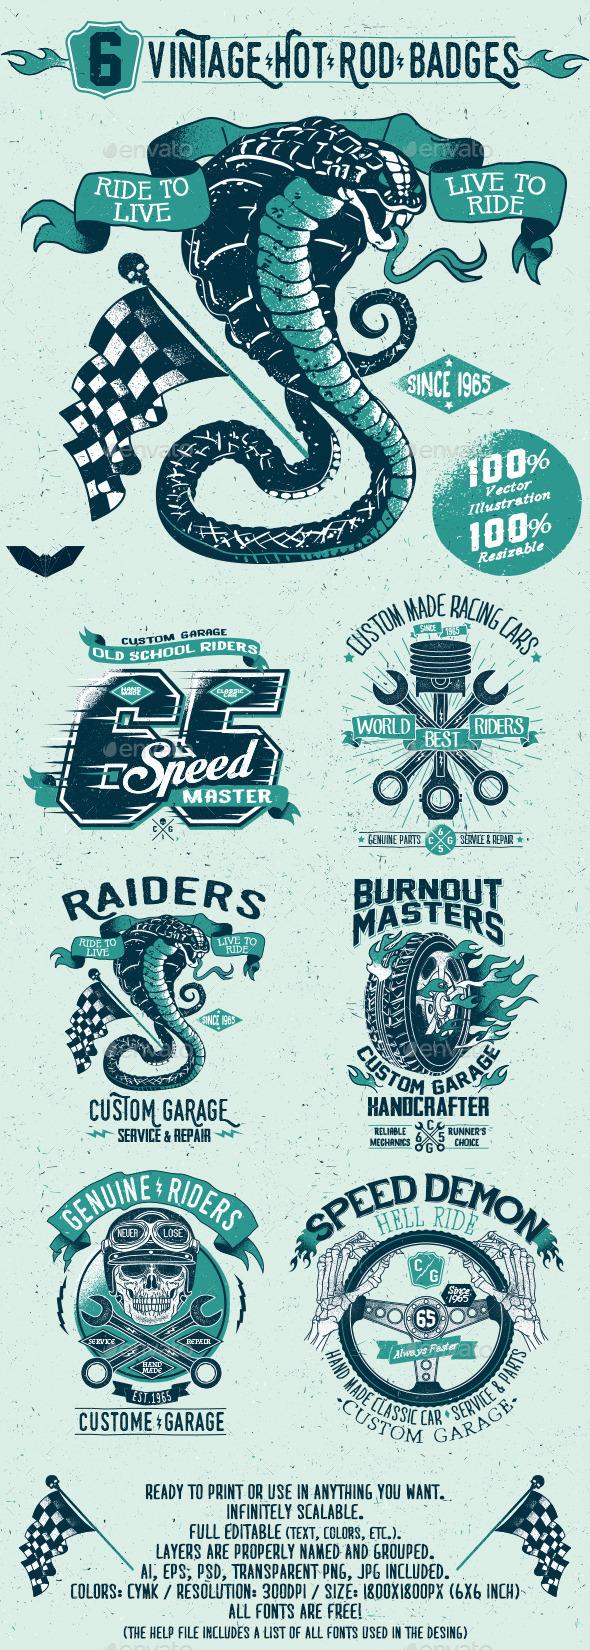 GraphicRiver 6 Vintage Hot Rod Badges 11531296